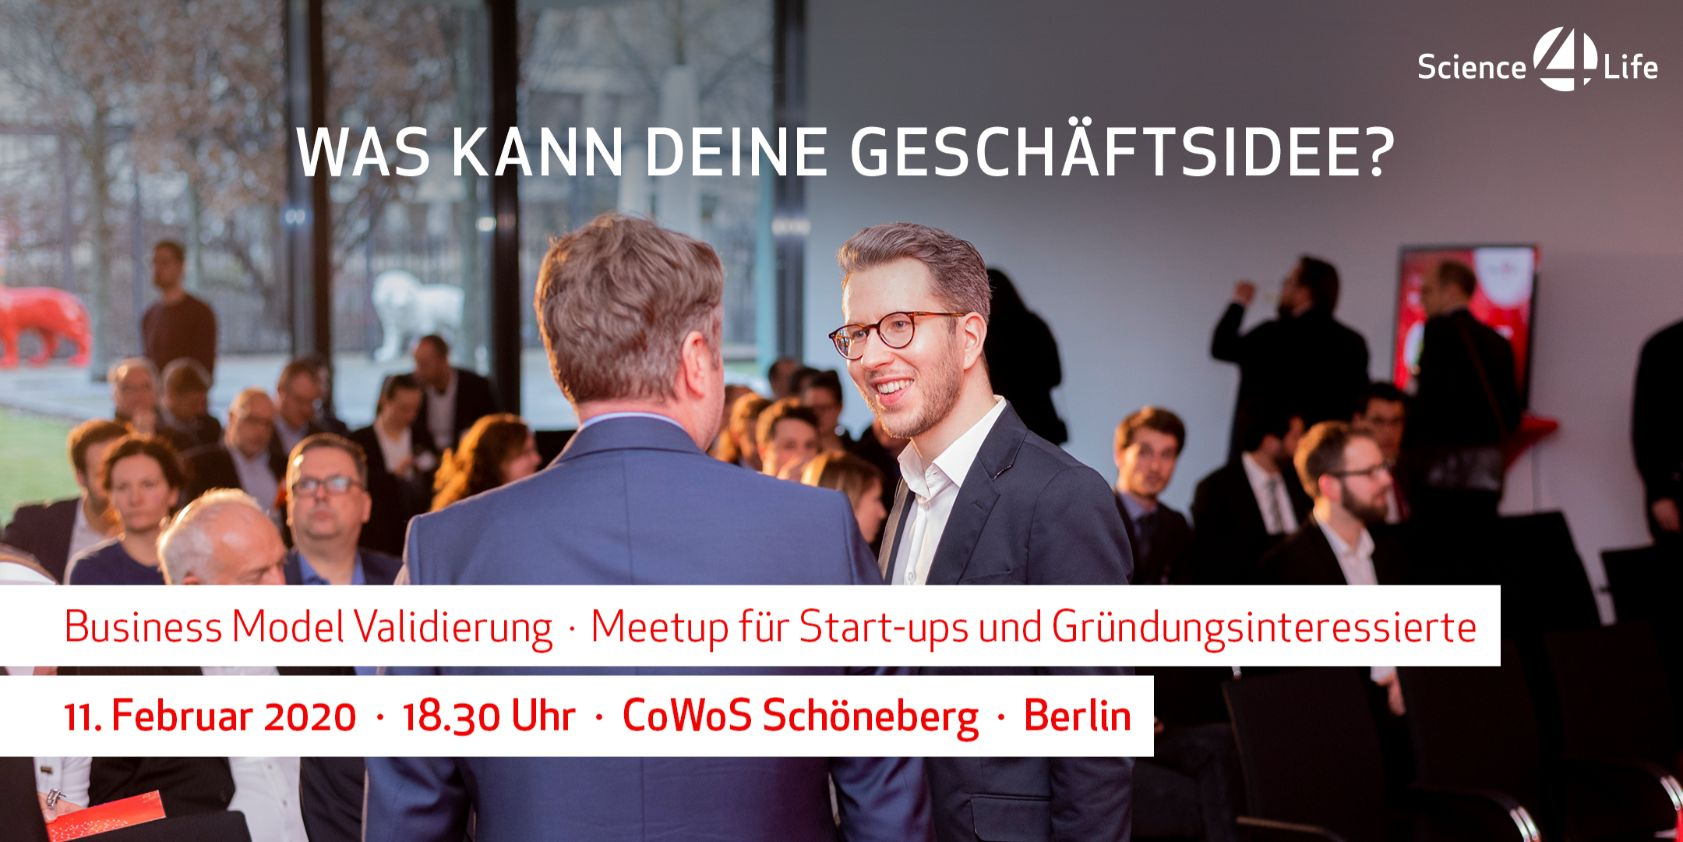 Science4Life E.V._Startup_Event